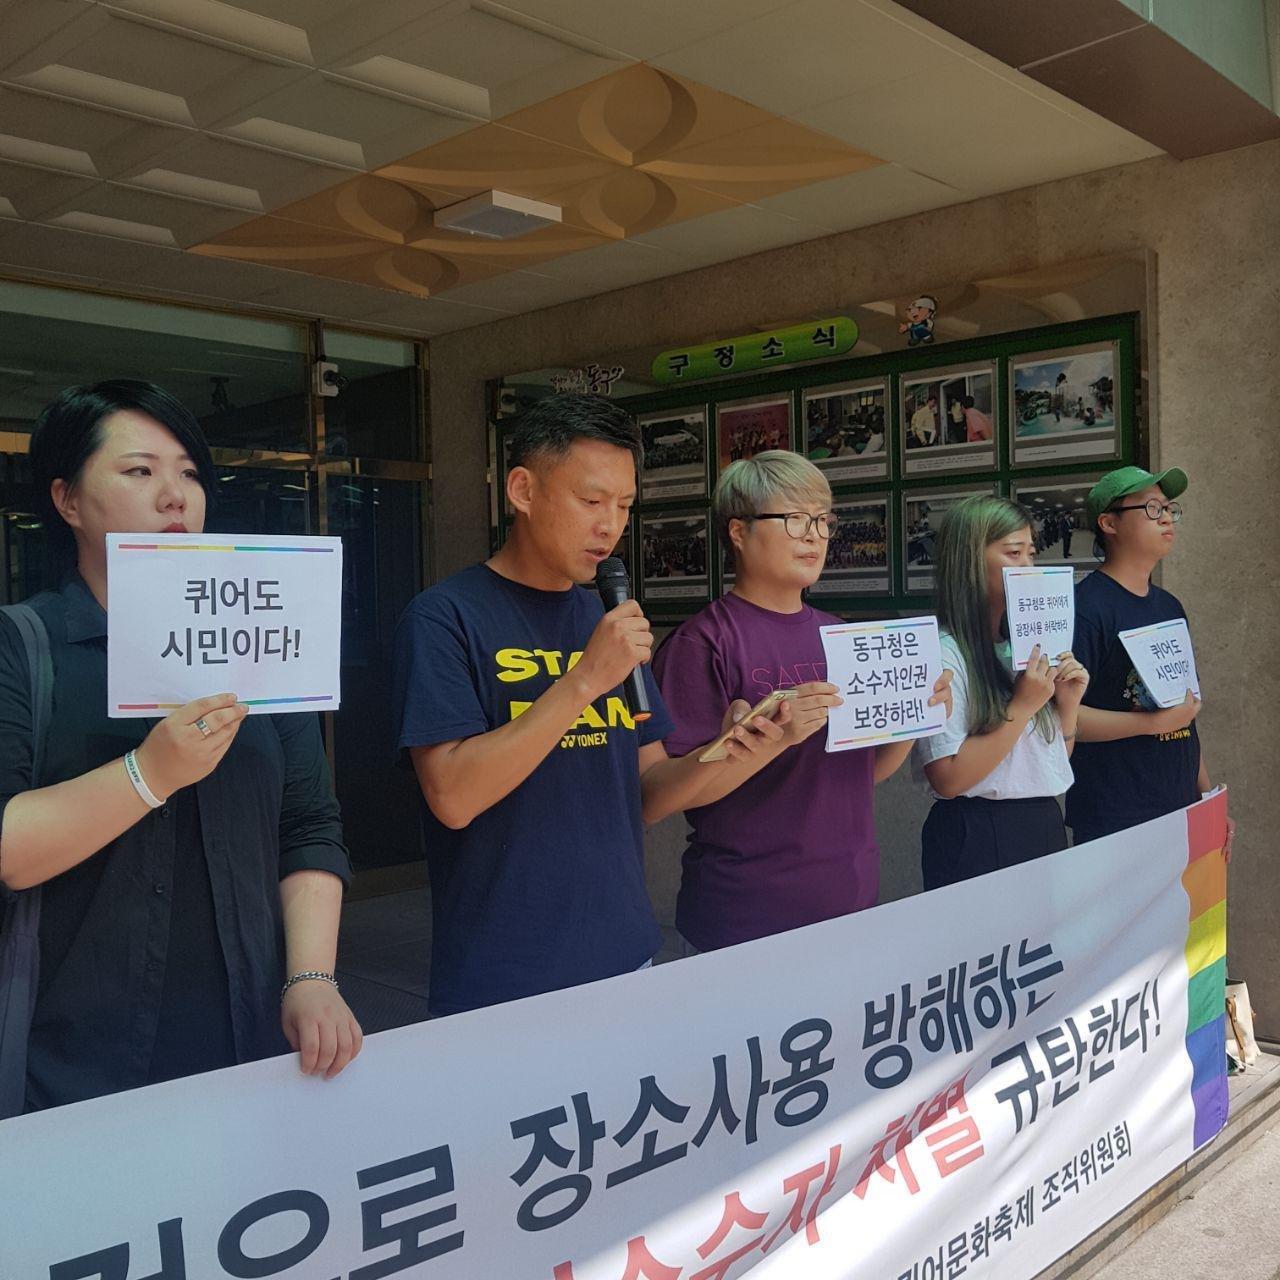 인천 동구가 퀴어문화축제 개최를 '사실상